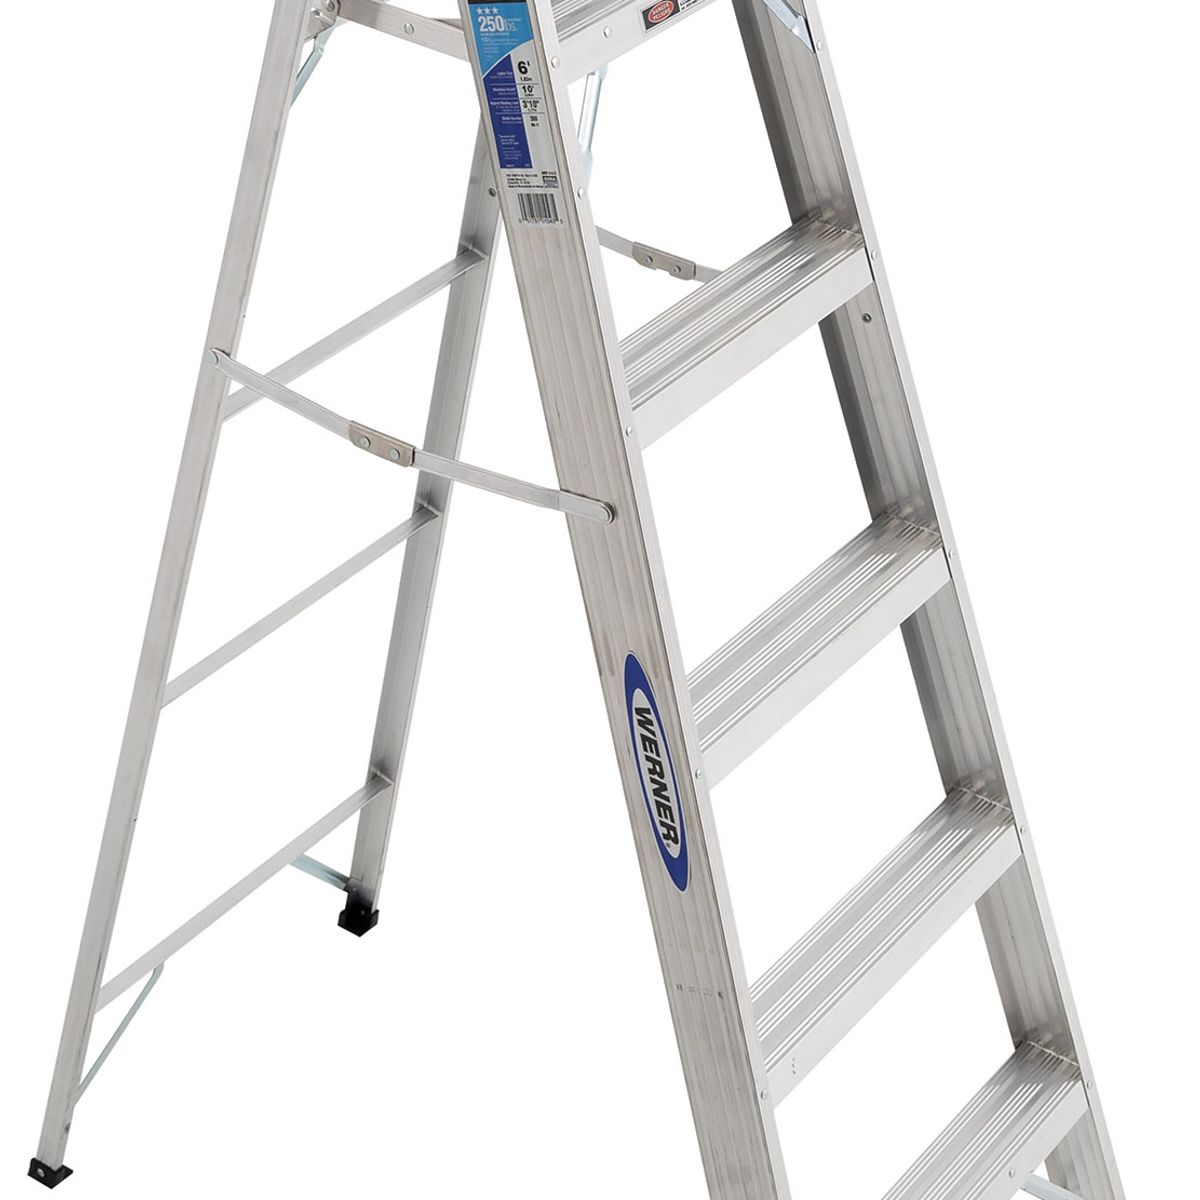 360 series step ladders